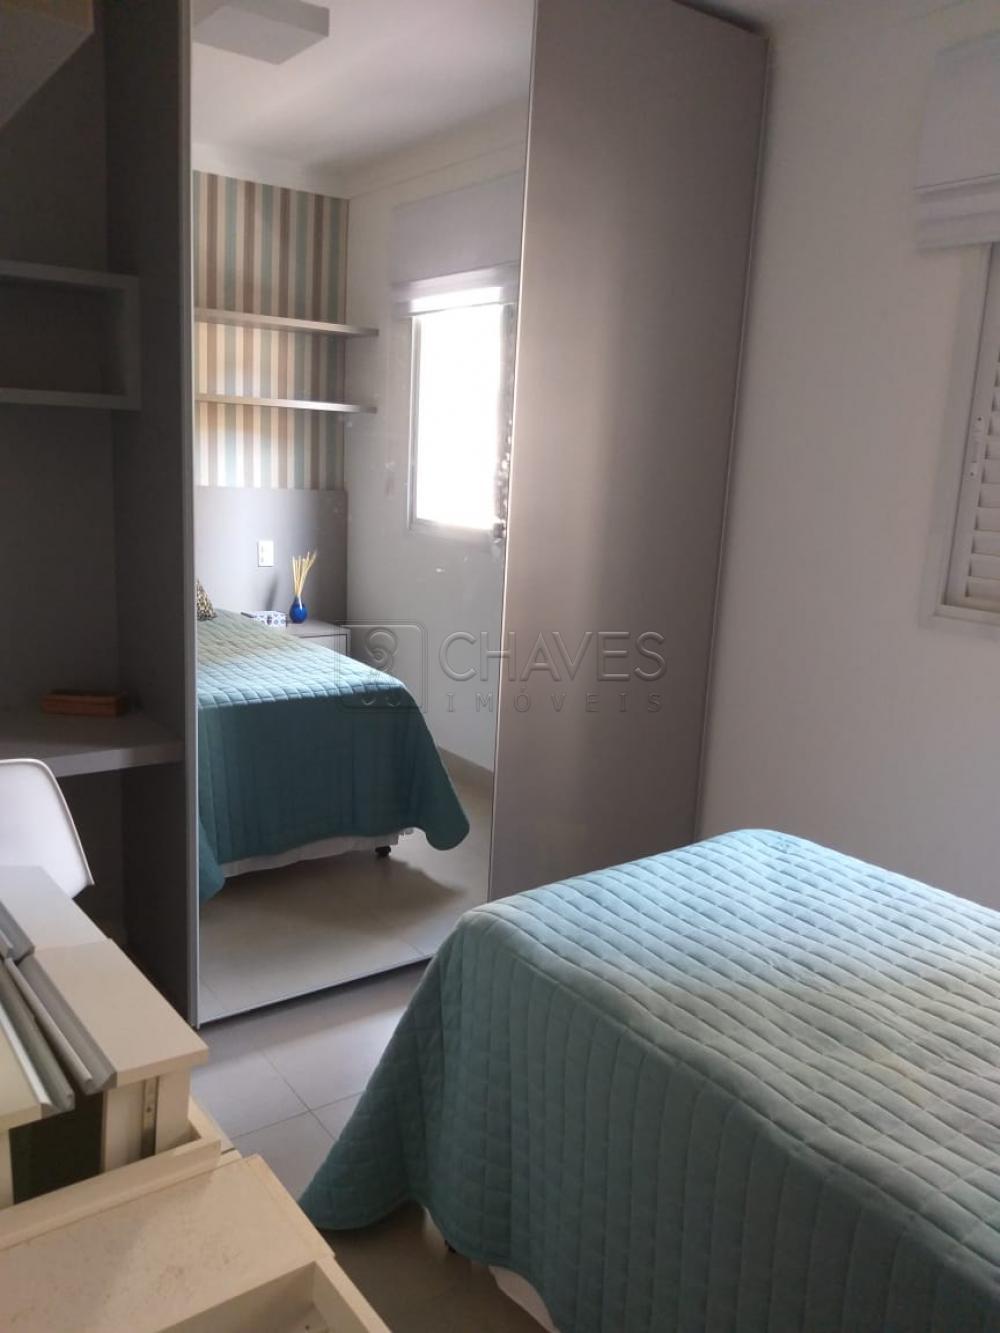 Comprar Apartamento / Padrão em Ribeirão Preto apenas R$ 586.450,00 - Foto 13